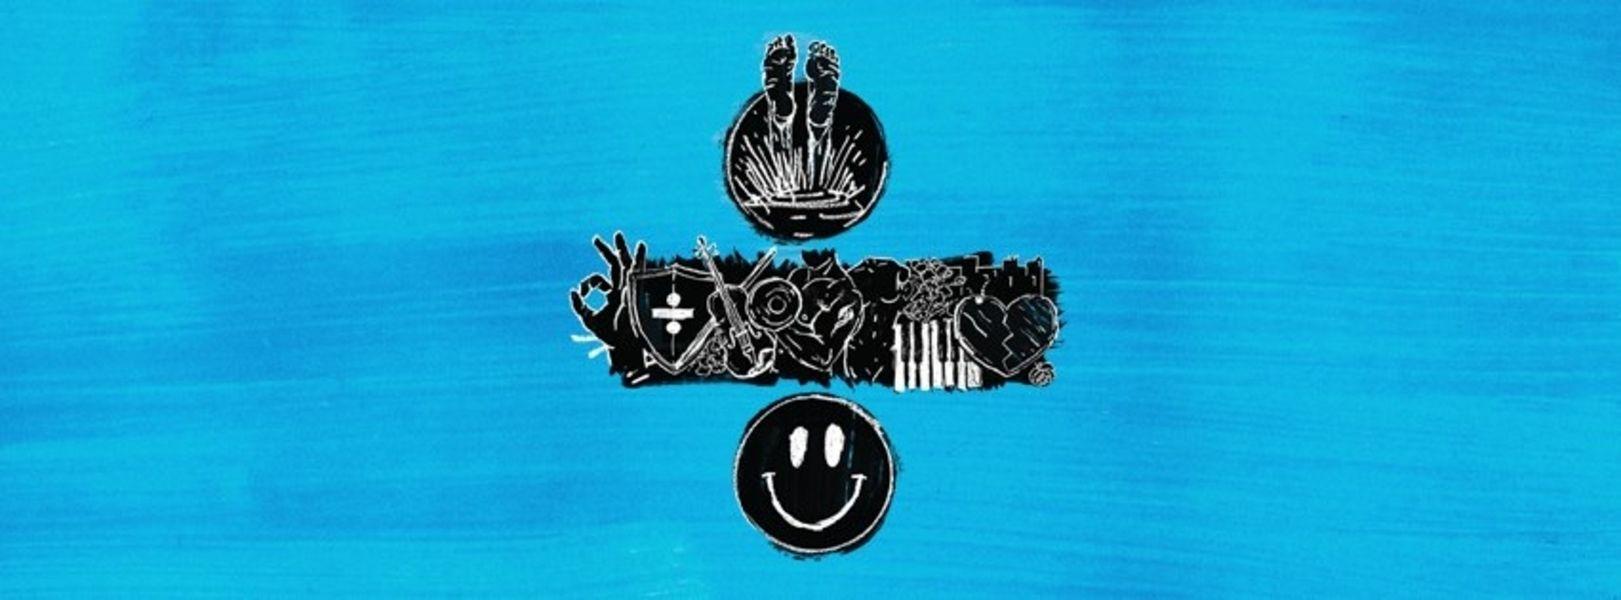 Ed Sheeran S Divide Ed Sheeran Tattoo Ed Sheeran Divide Album